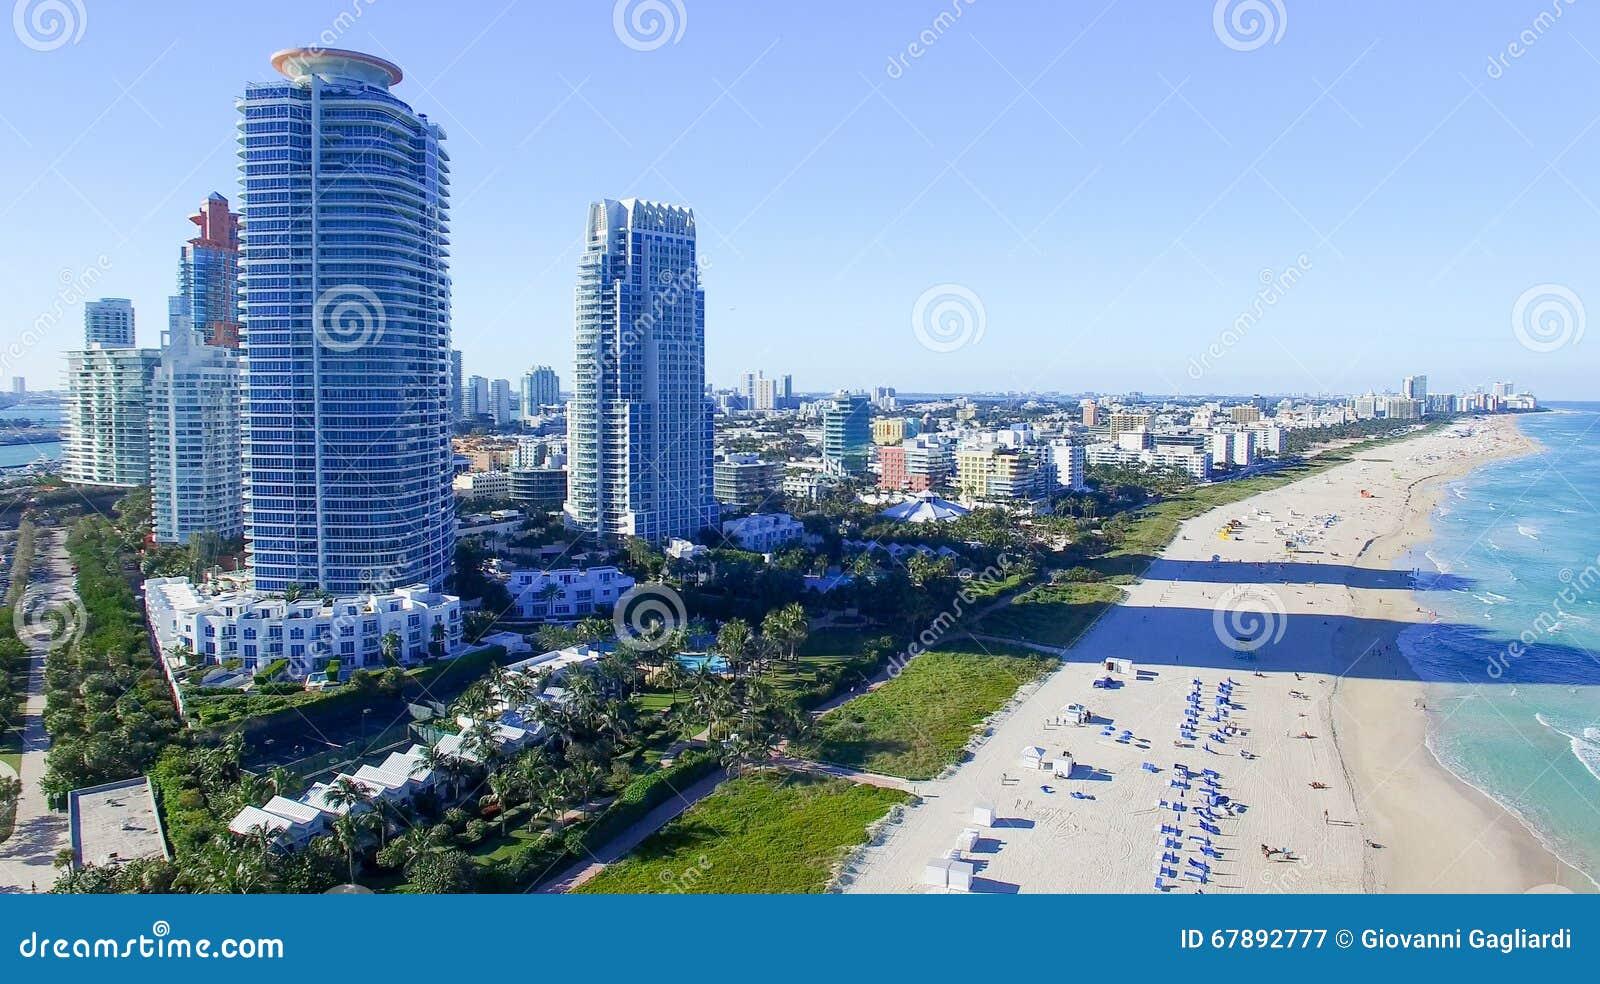 Miami Beach на солнечный день, вид с воздуха